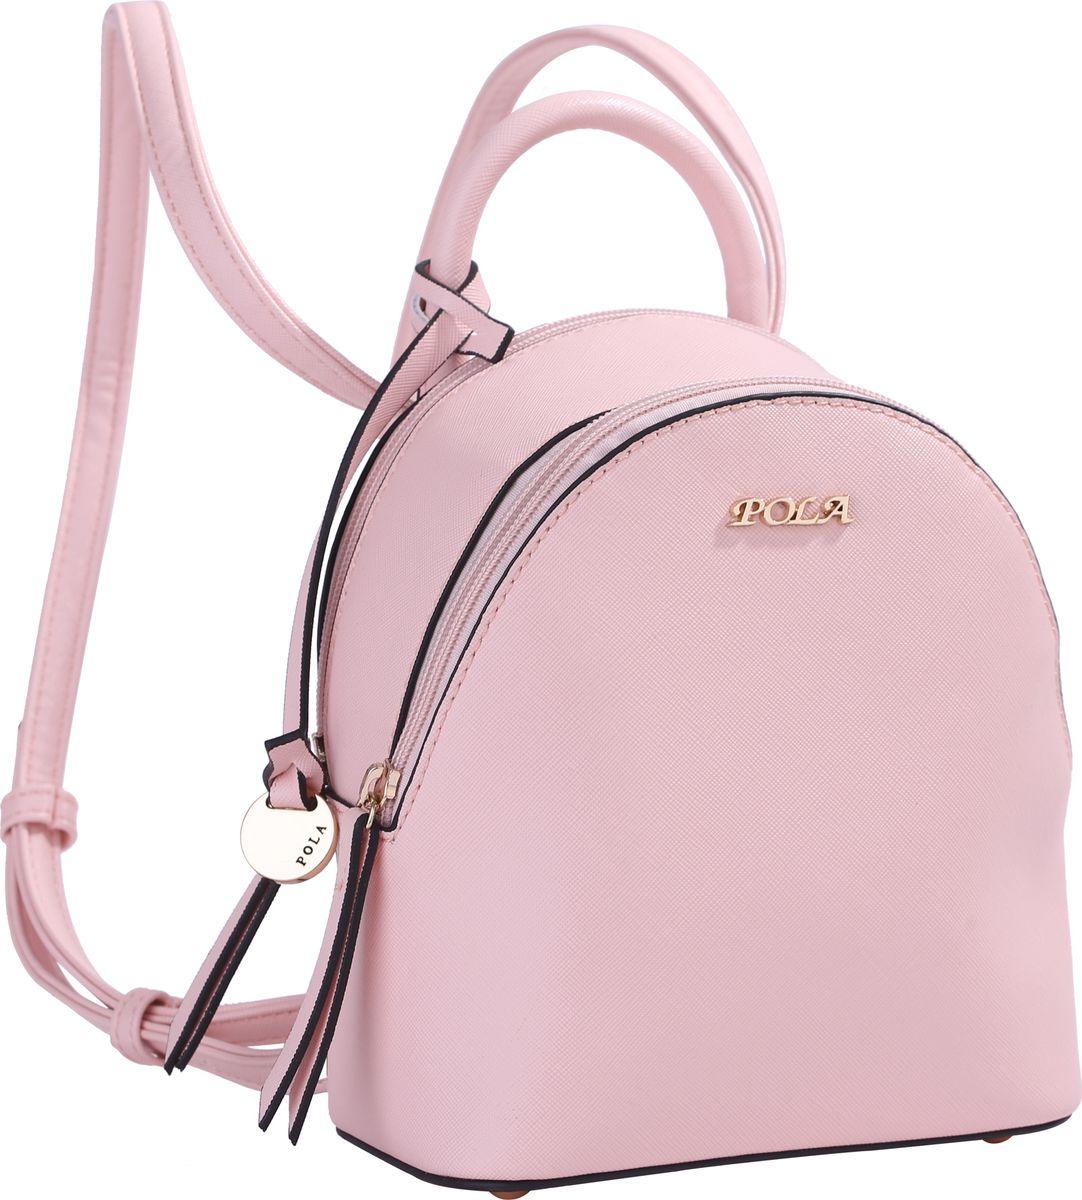 Рюкзак женский Pola, цвет: светло-розовый. 64449747998-101Небольшой женский рюкзак Pola выполнен из экокожи. Имеет две молнии для доступа во внутреннее отделение, внутри которого один открытый карман и карман на молнии. Сверху ручка для переноски. Лямки сконструированы таким образом, что его можно носить как сумку на плечо, если протянуть ремешок вверх через кольца. Ремень можно регулировать по длине, максимальная высота 50 см. На дне металлические ножки. Цвет фурнитуры- золото.